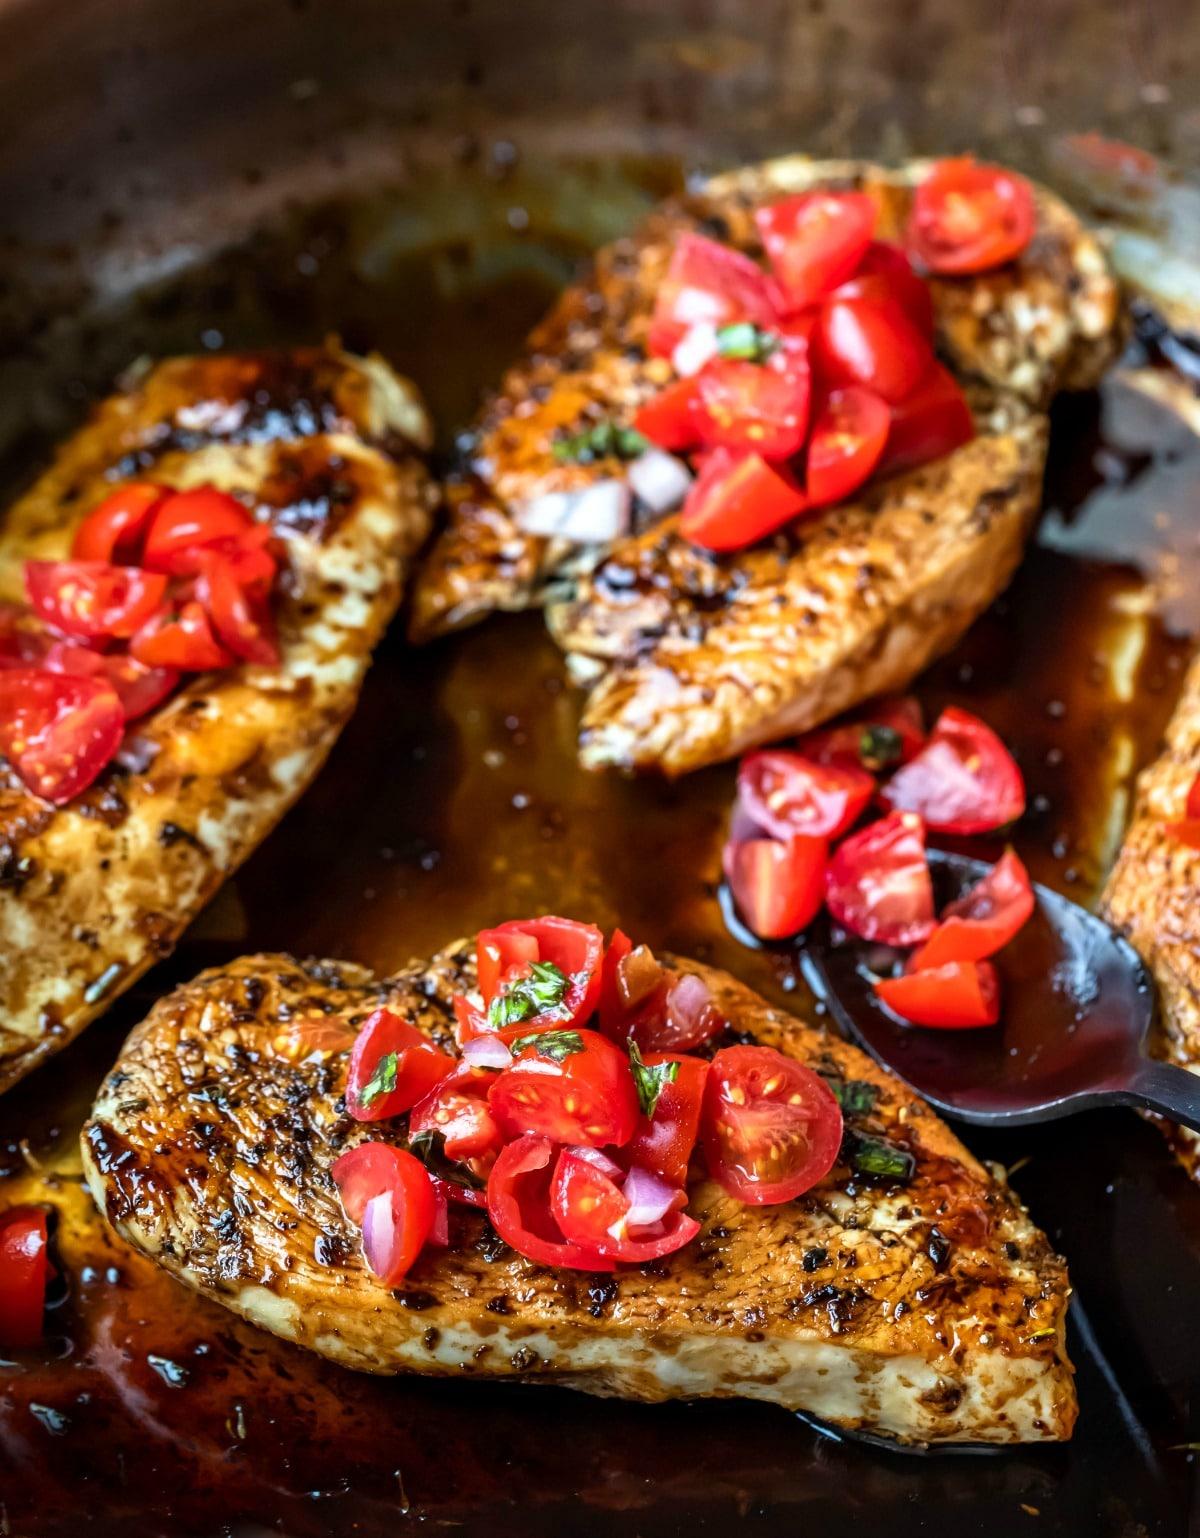 Bruschetta chicken in balsamic glaze